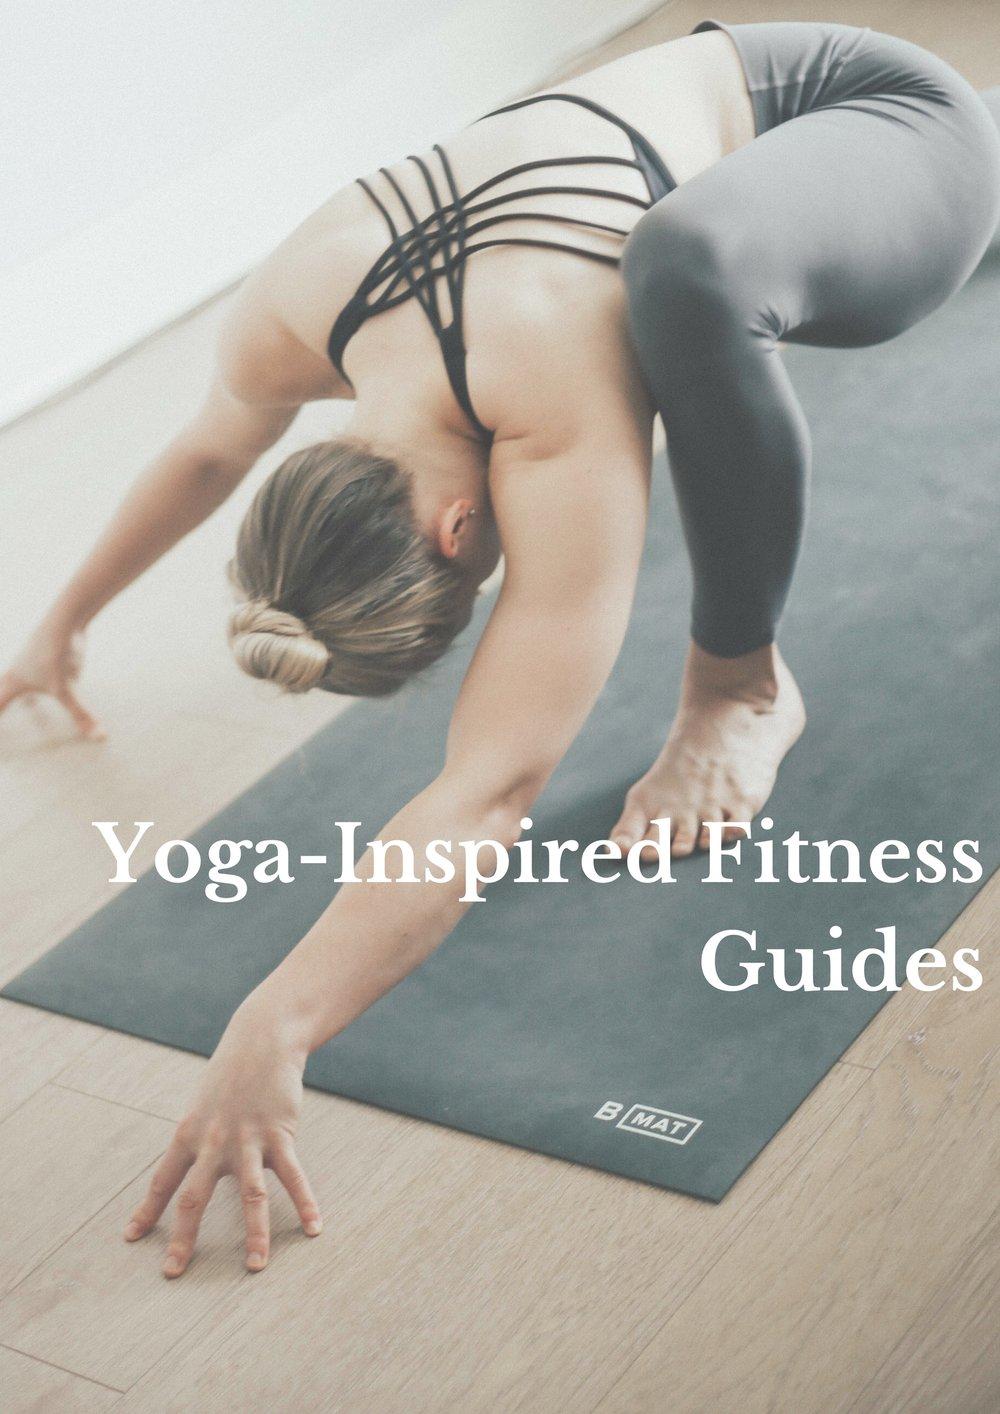 Yoga-Inspired Fitness Guides.jpg